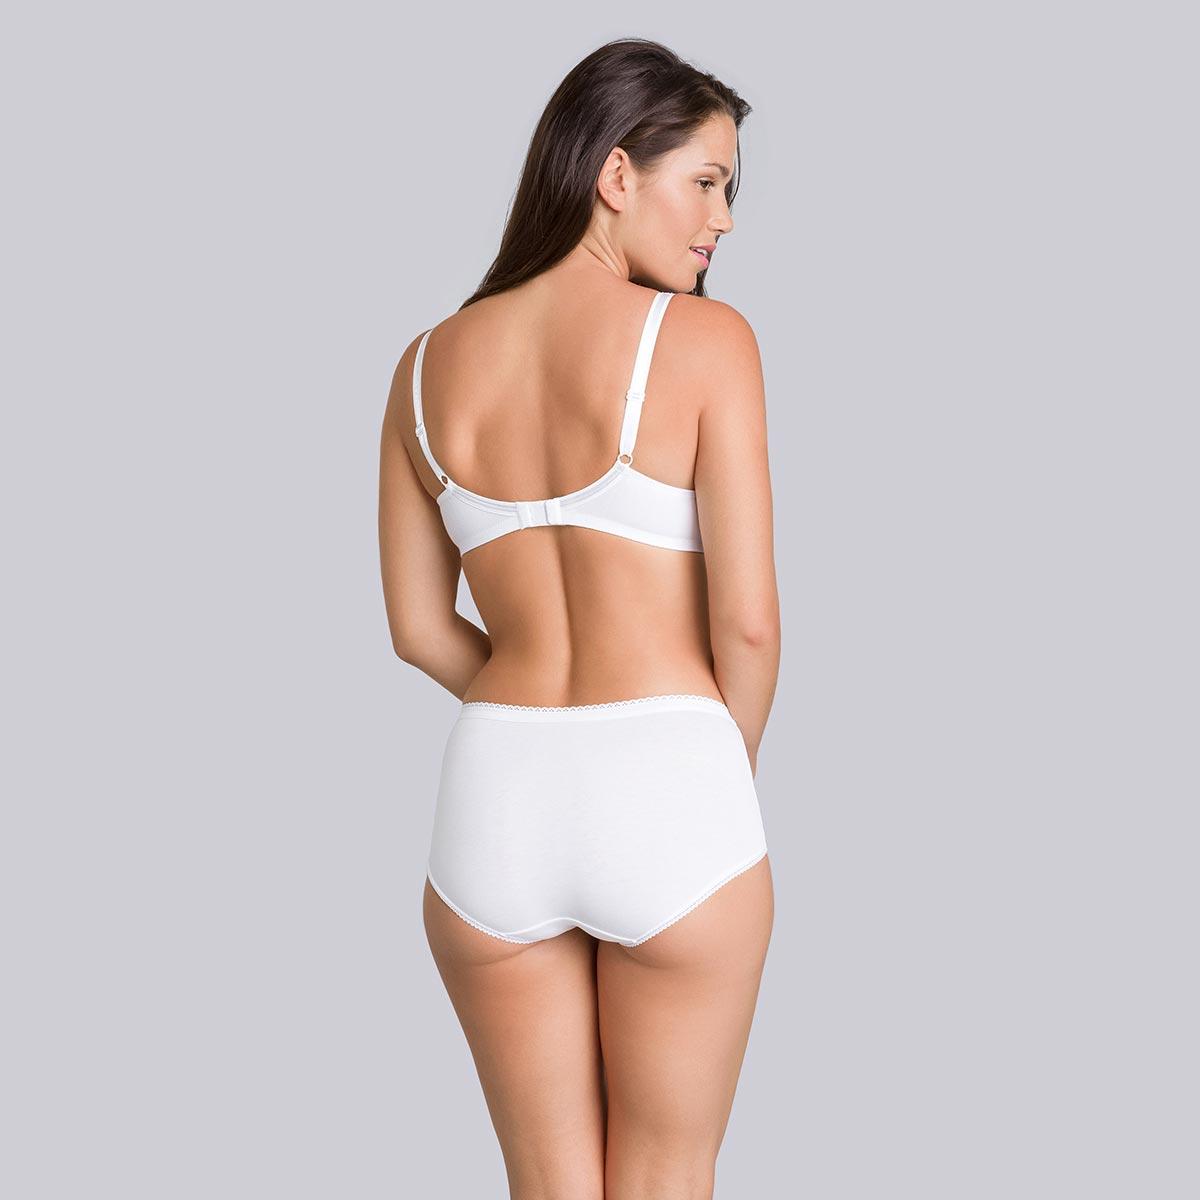 Reggiseno senza ferretto bianco - Cotton Support - PLAYTEX